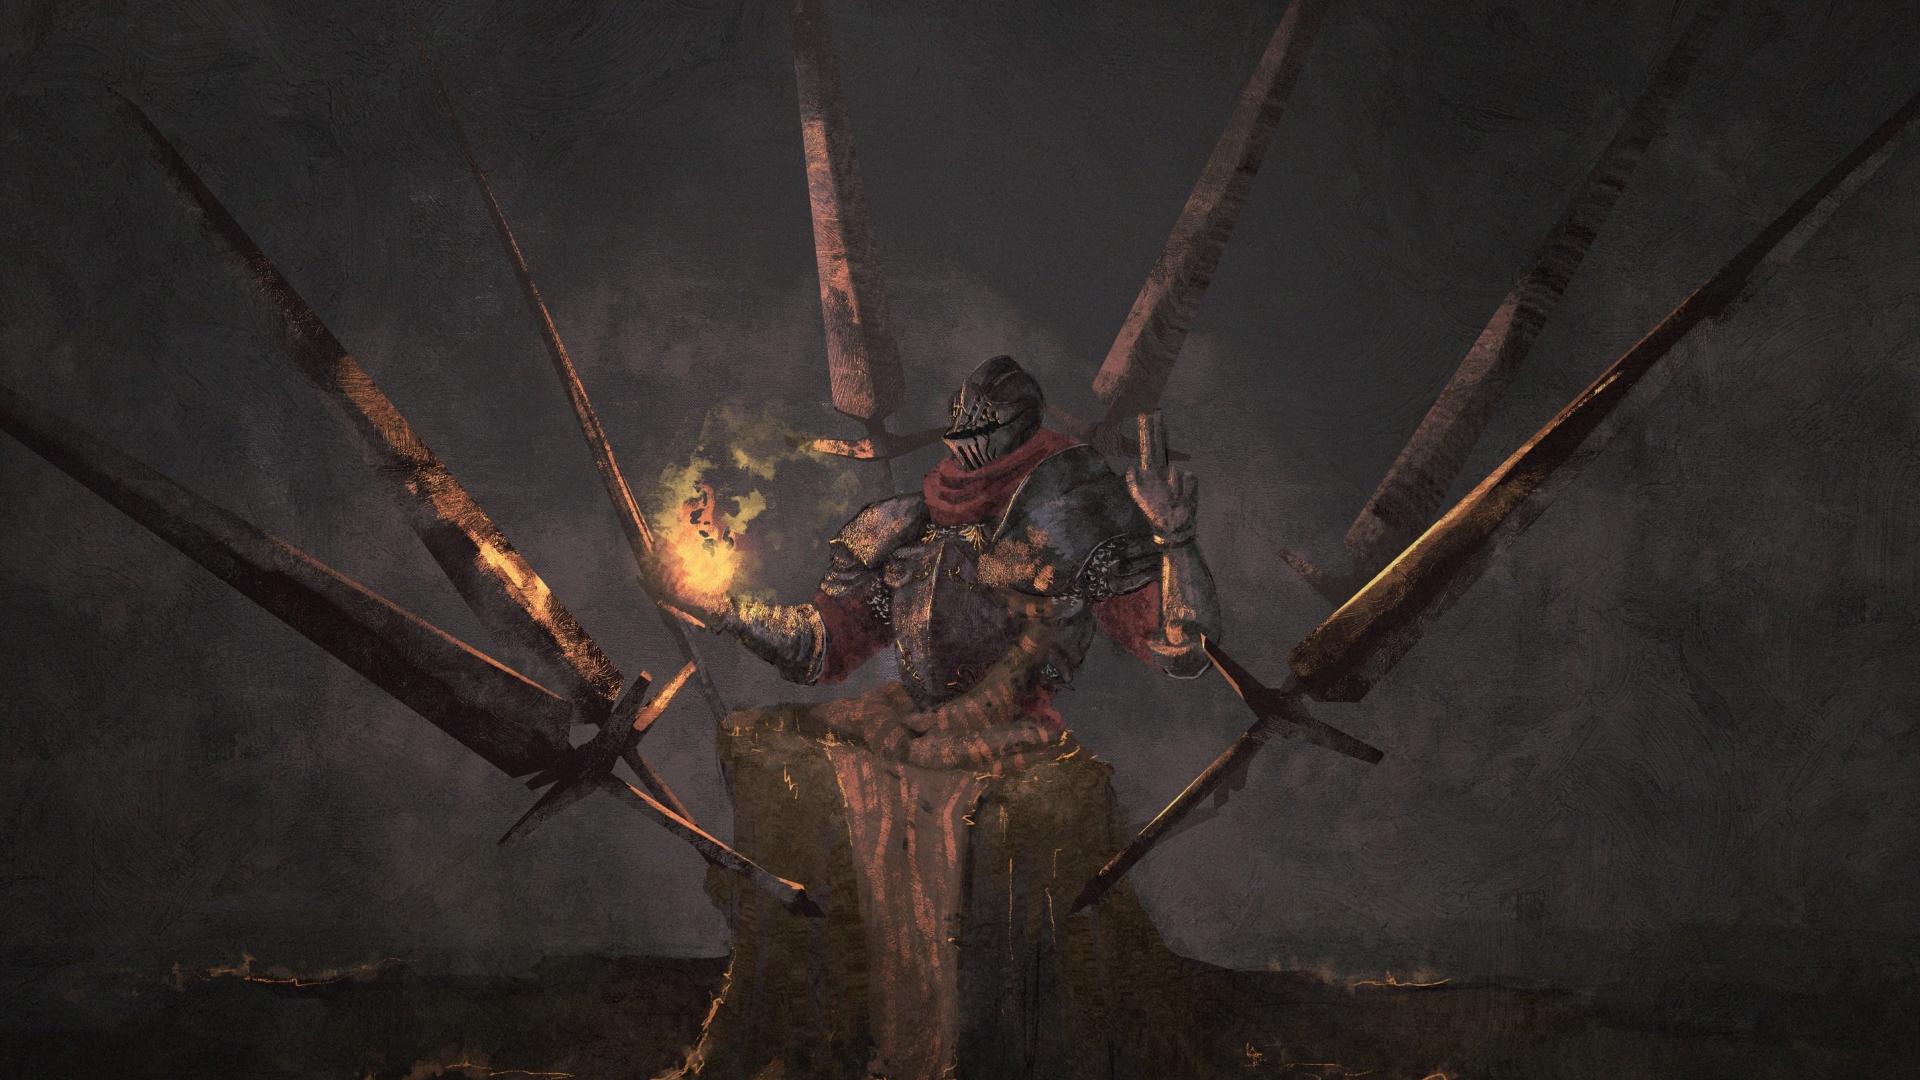 Download 1920x1080 Wallpaper Warrior Dark Souls Video Game